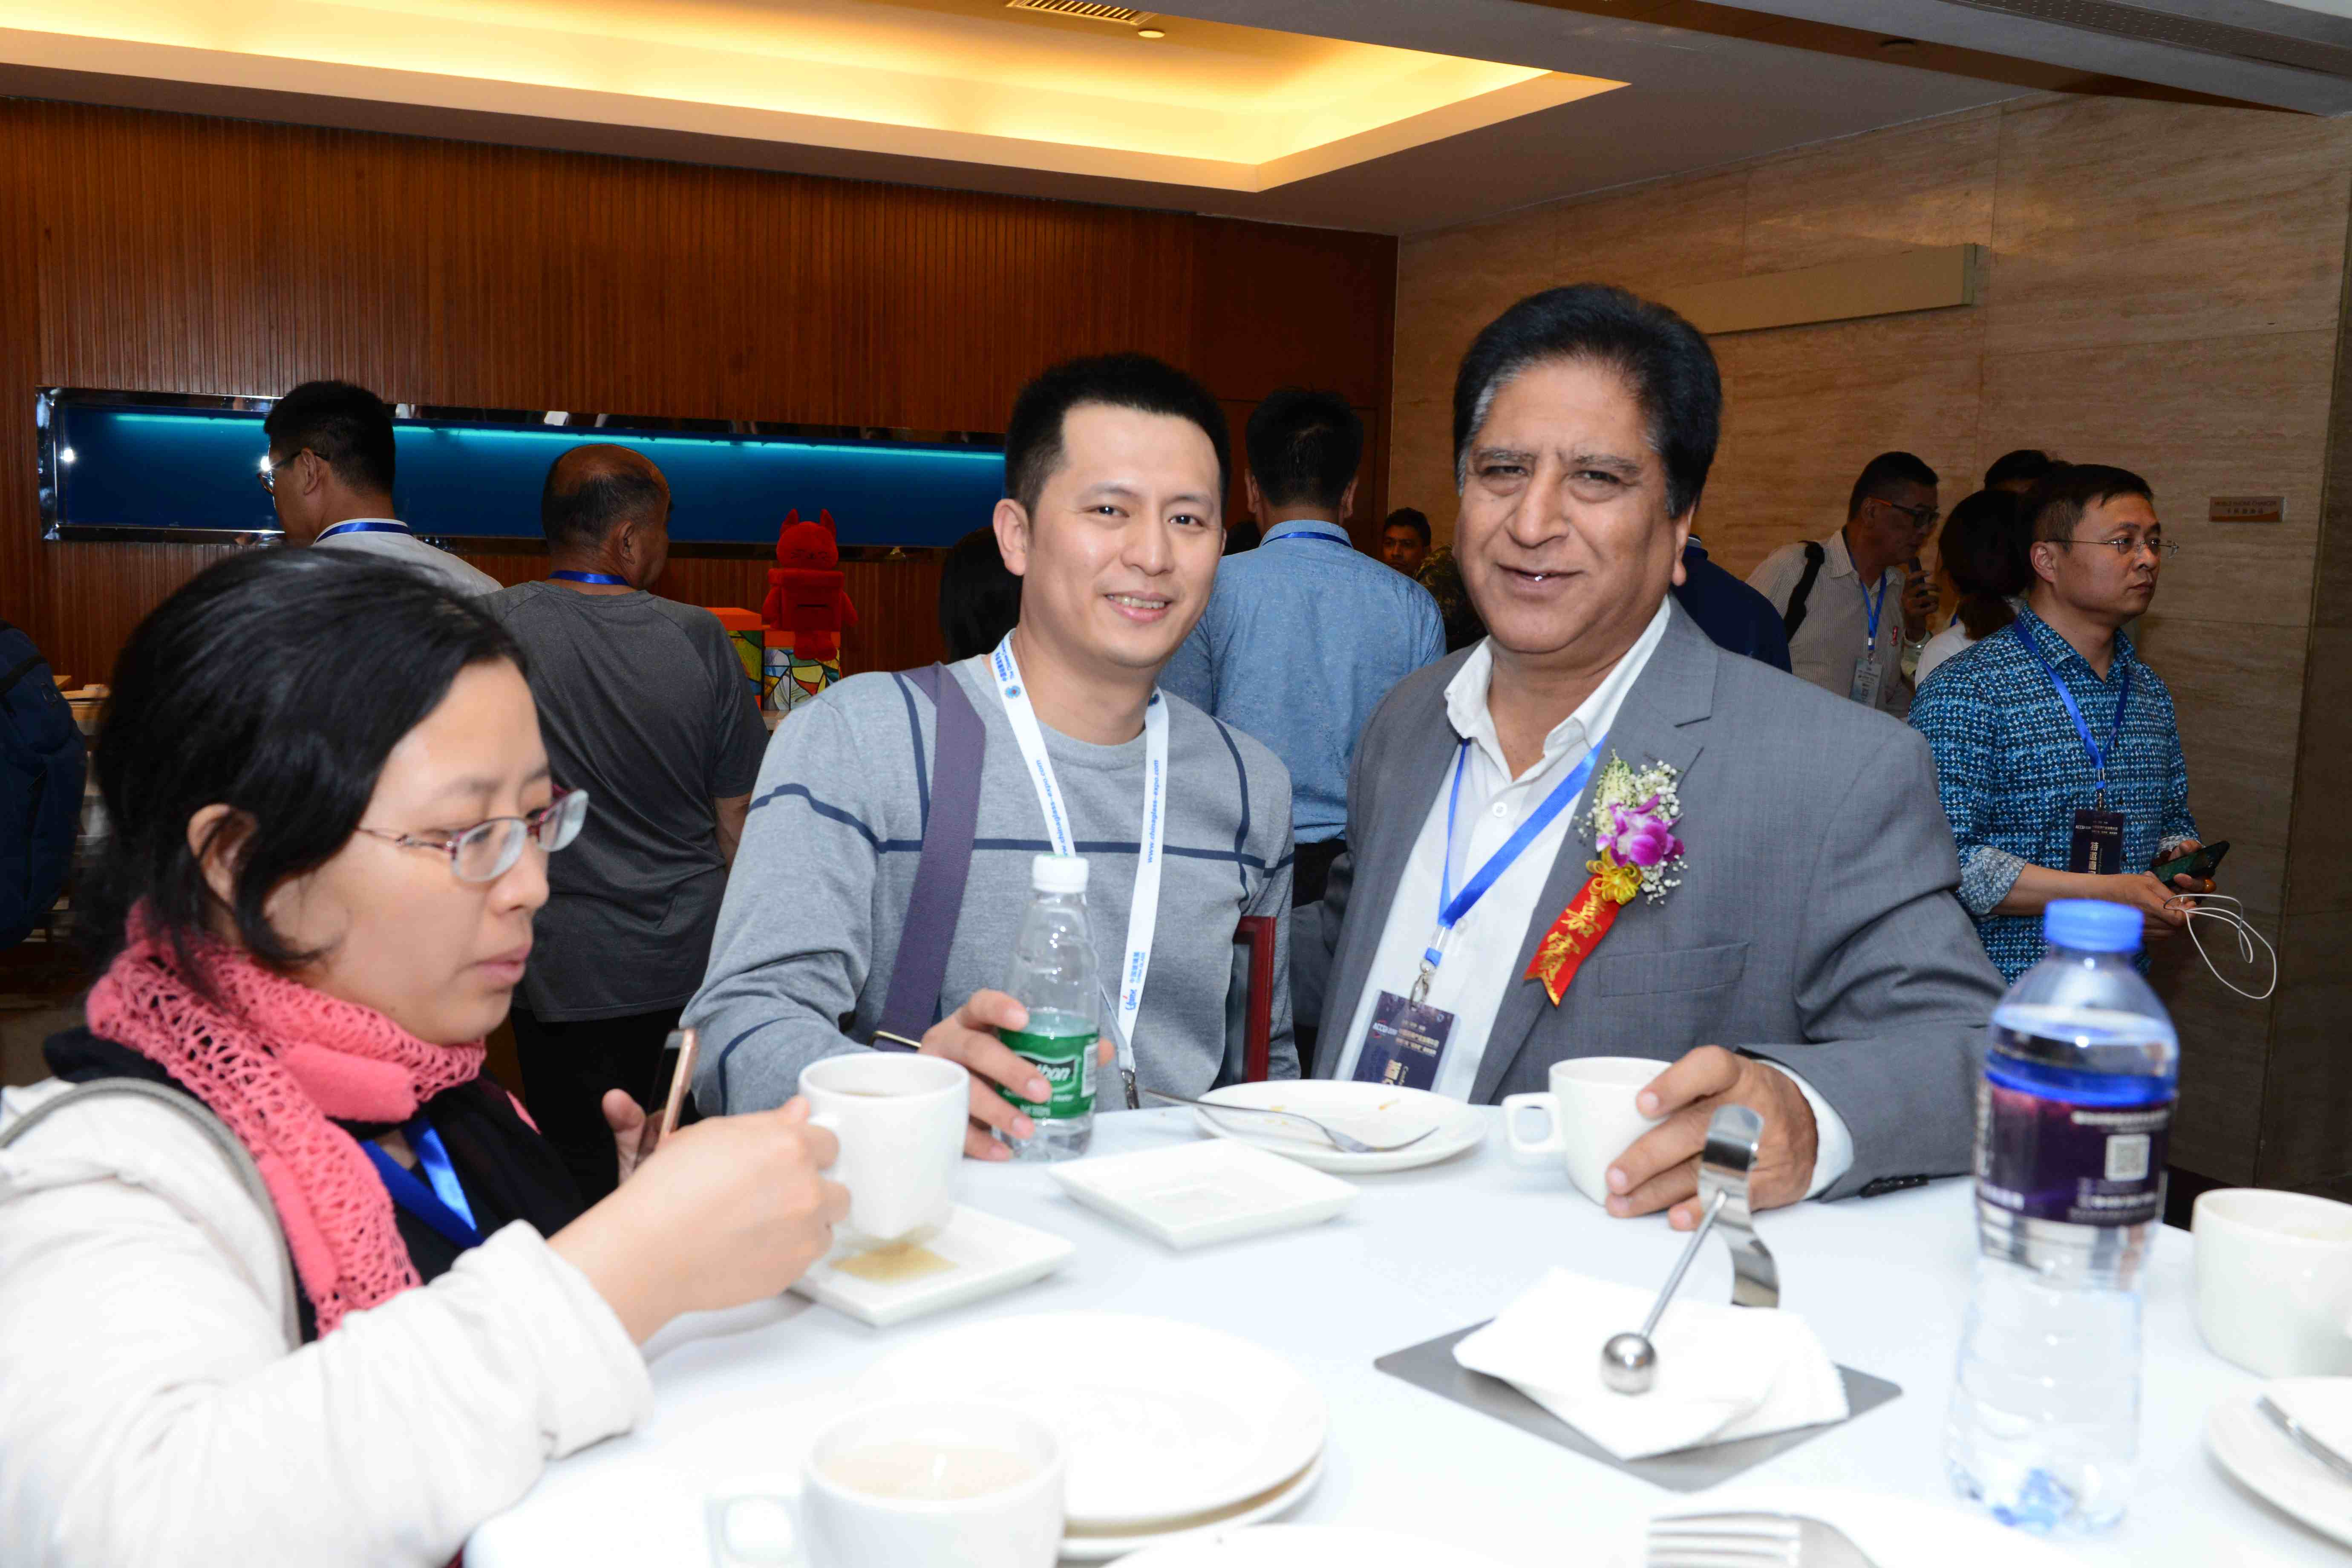 中国玻璃产业发展年会文图-中国玻璃产业发展年会文图-外国嘉宾